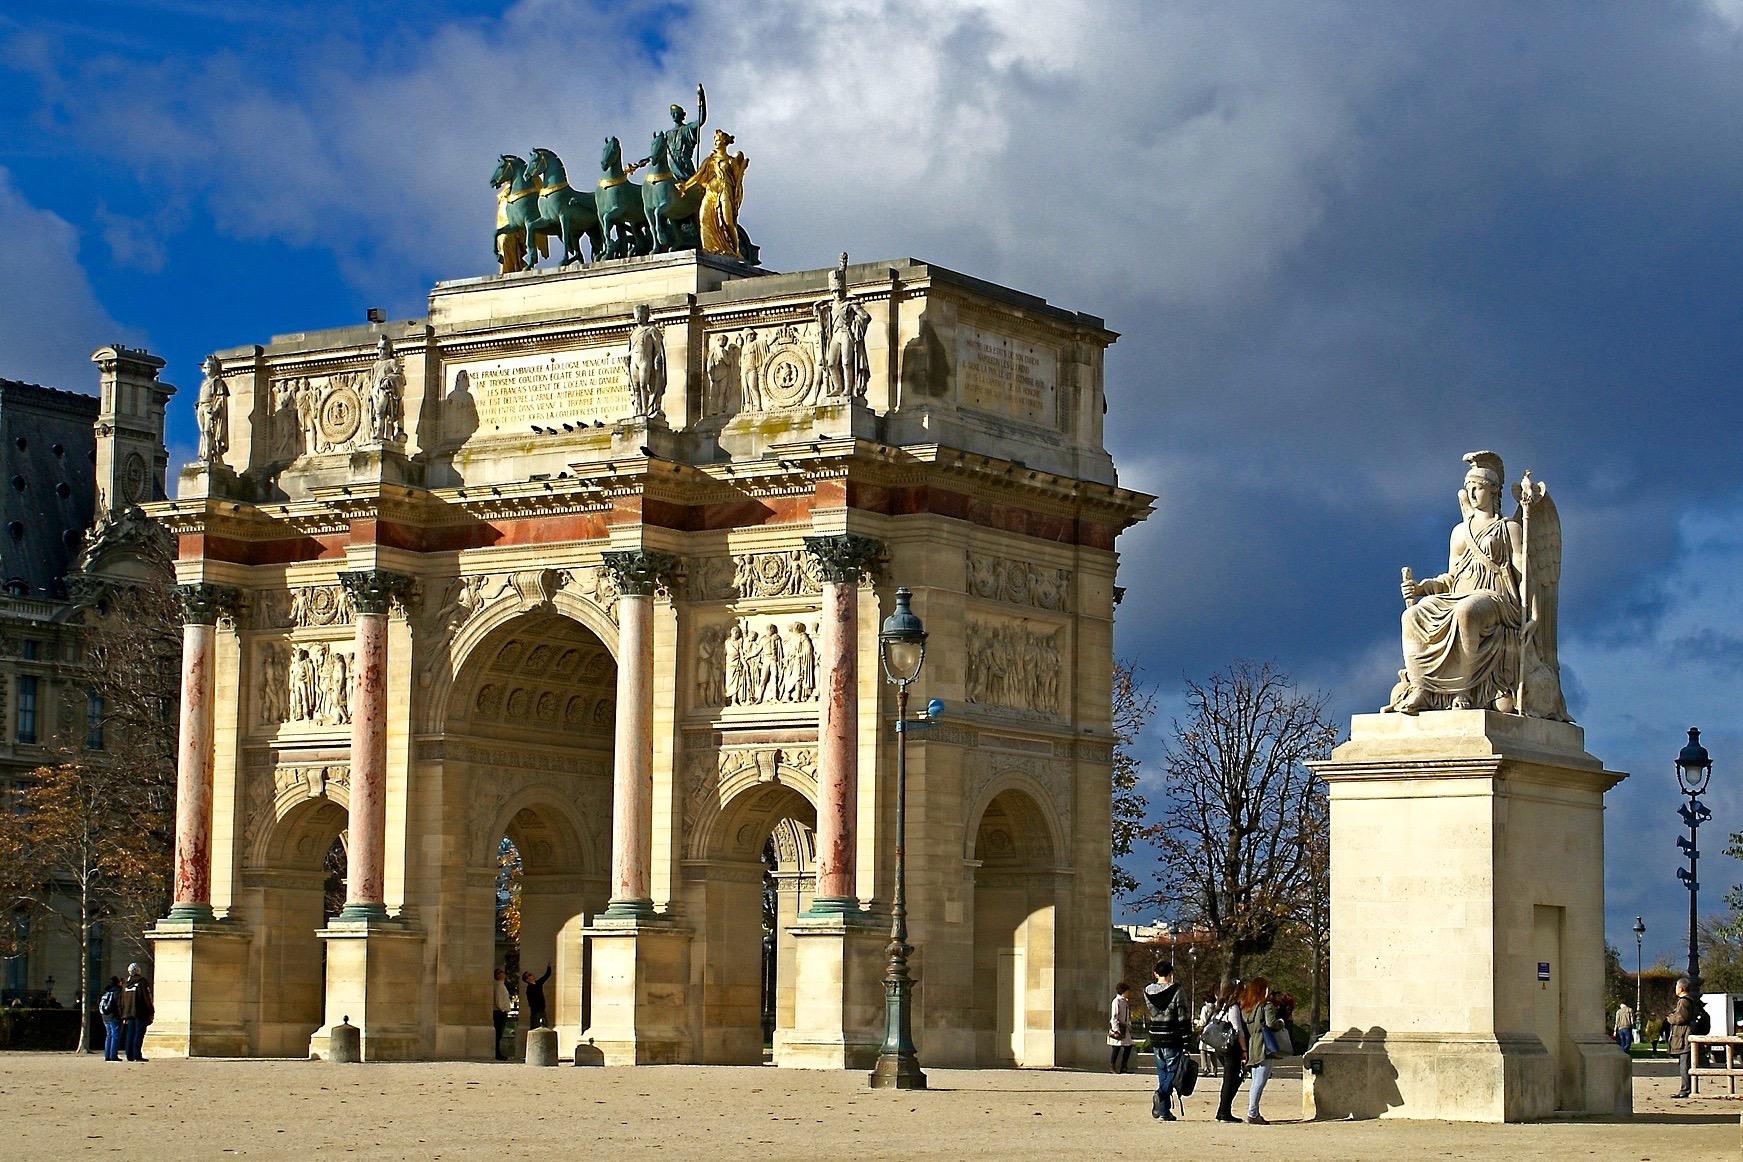 Париж: Combo-2 Экскурсионный день: обзорная экскурсия по Парижу, поездка в замок Фонтенбло и деревню импрессионистов Барбизон с обедом